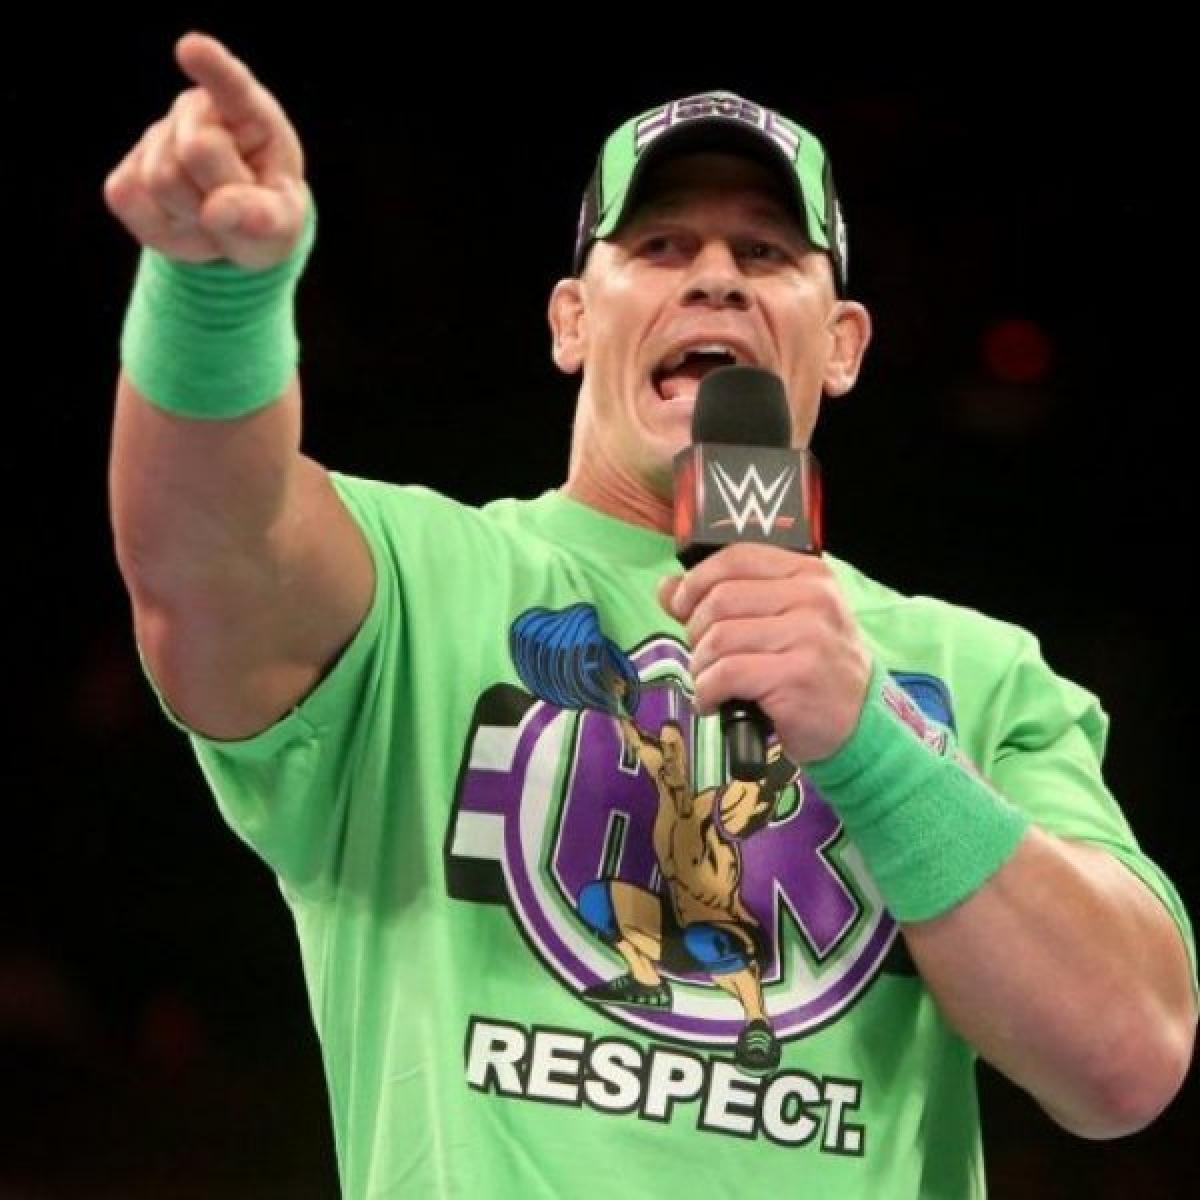 16 முறை WWE சாம்பியன்... ஆட்டியூட் அட்ஜஸ்மென்ட்! U can't see me! #HBDJohnCena